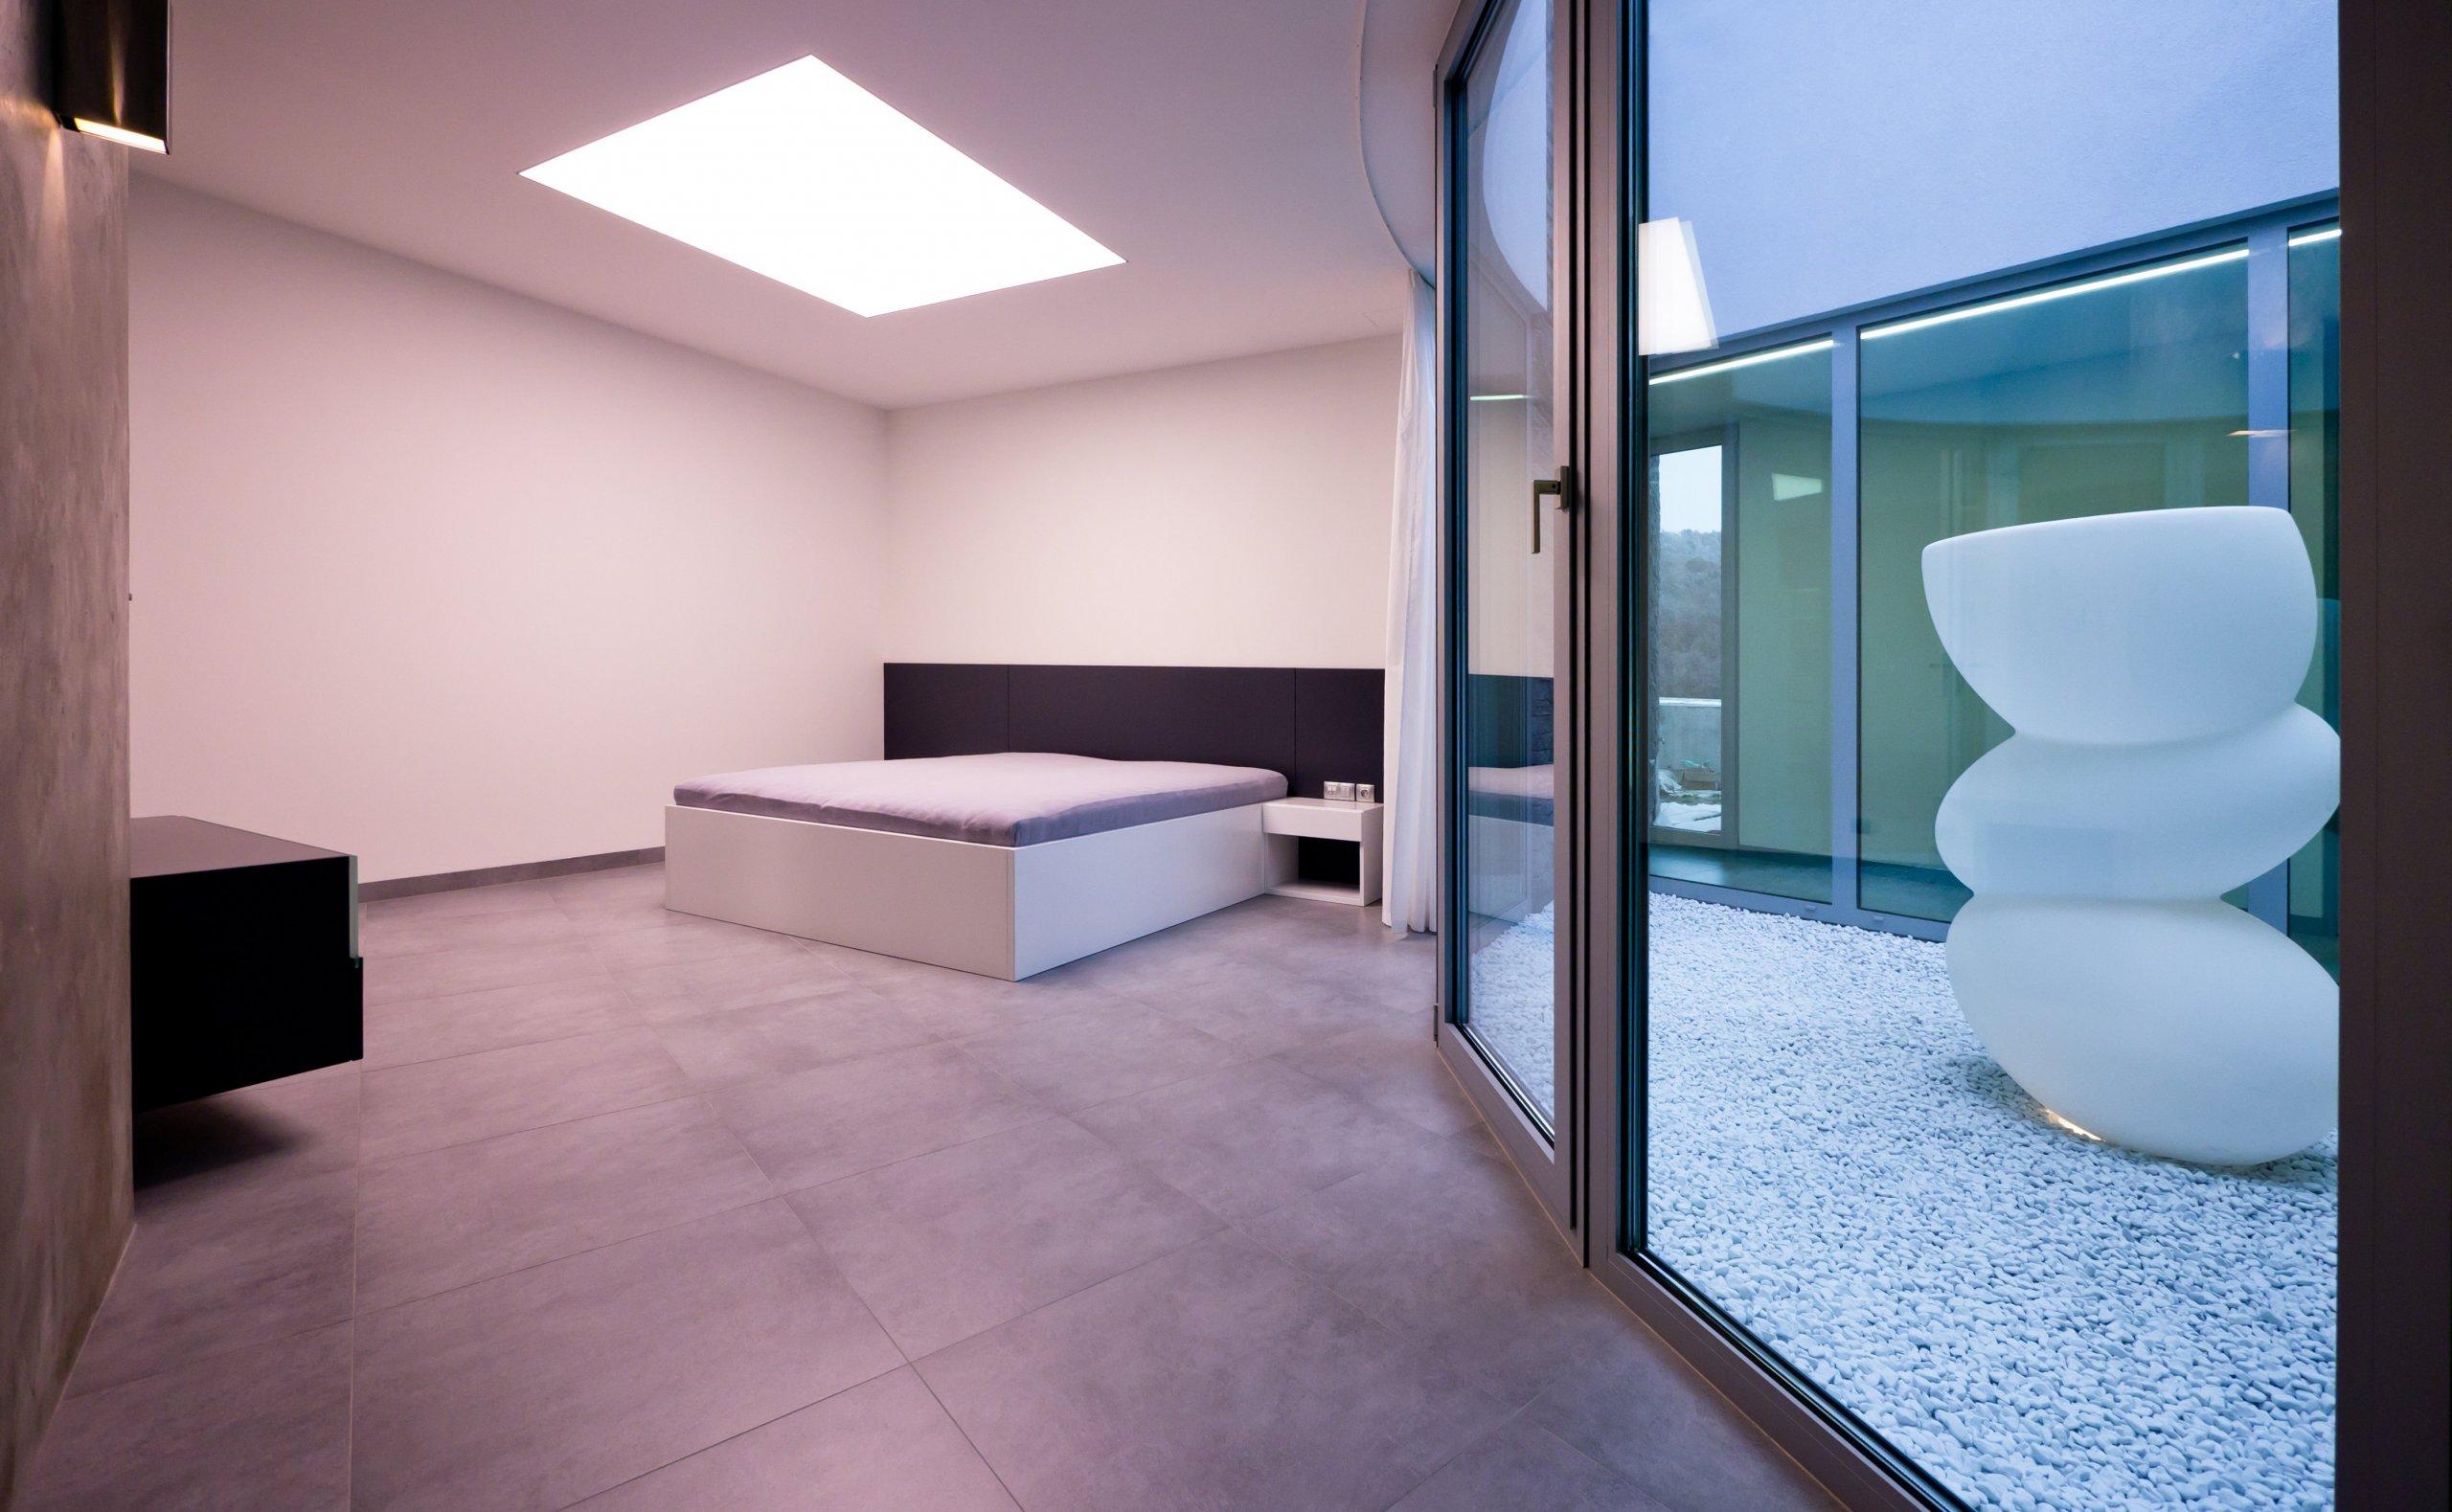 Bílá, černá, sklo, beton... co může být víc? Realizace interieru z roku 2011, která je naprosto nadčasová...